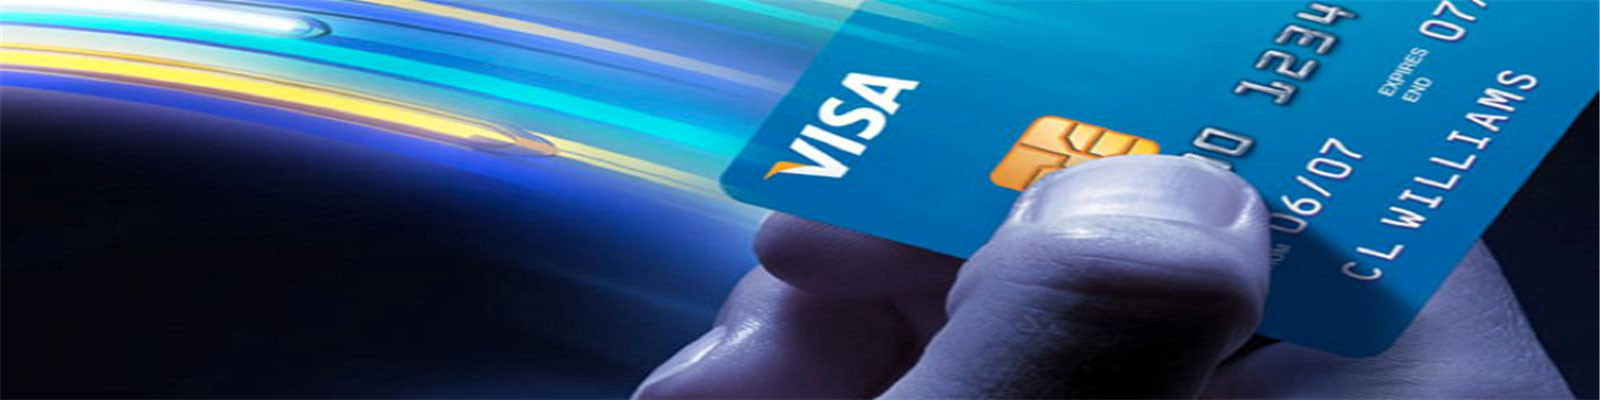 RFID-Kartenleser